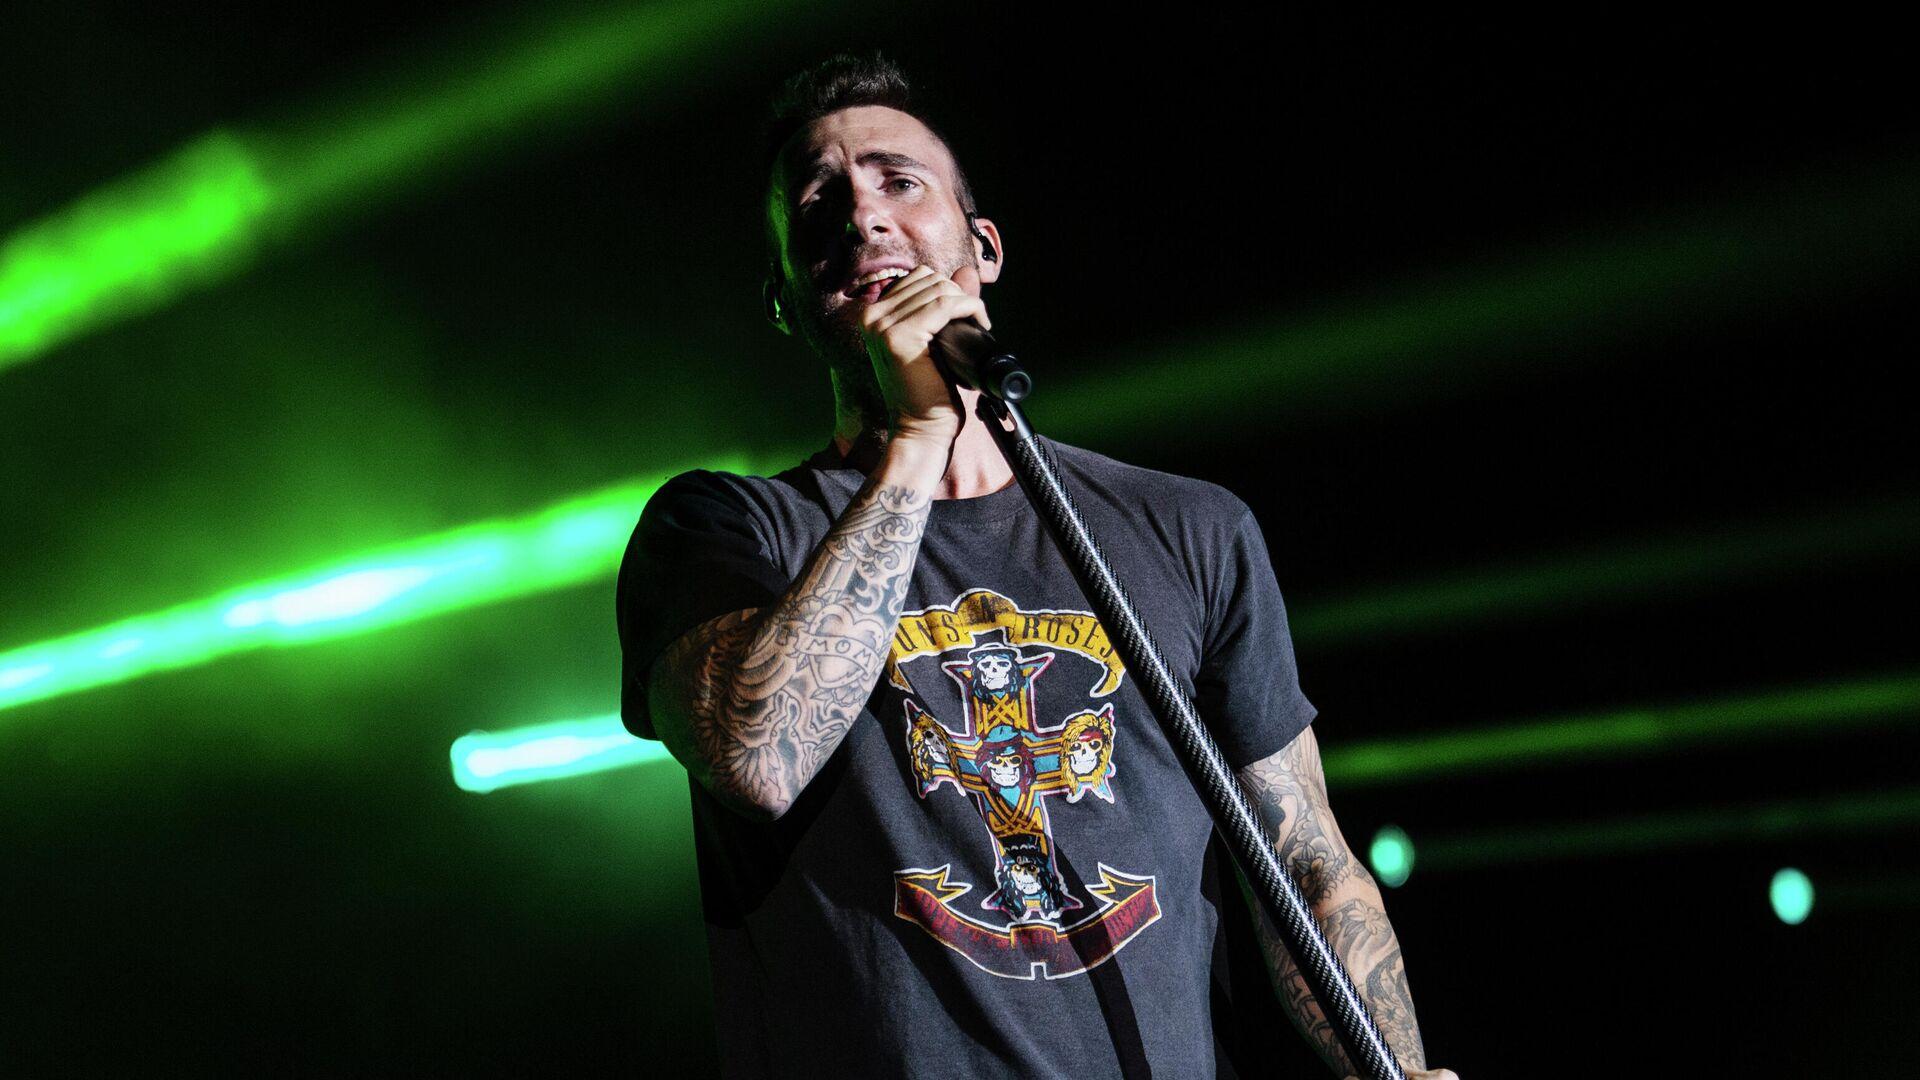 Вокалист группы Maroon 5 Адам Левин  - РИА Новости, 1920, 13.06.2021